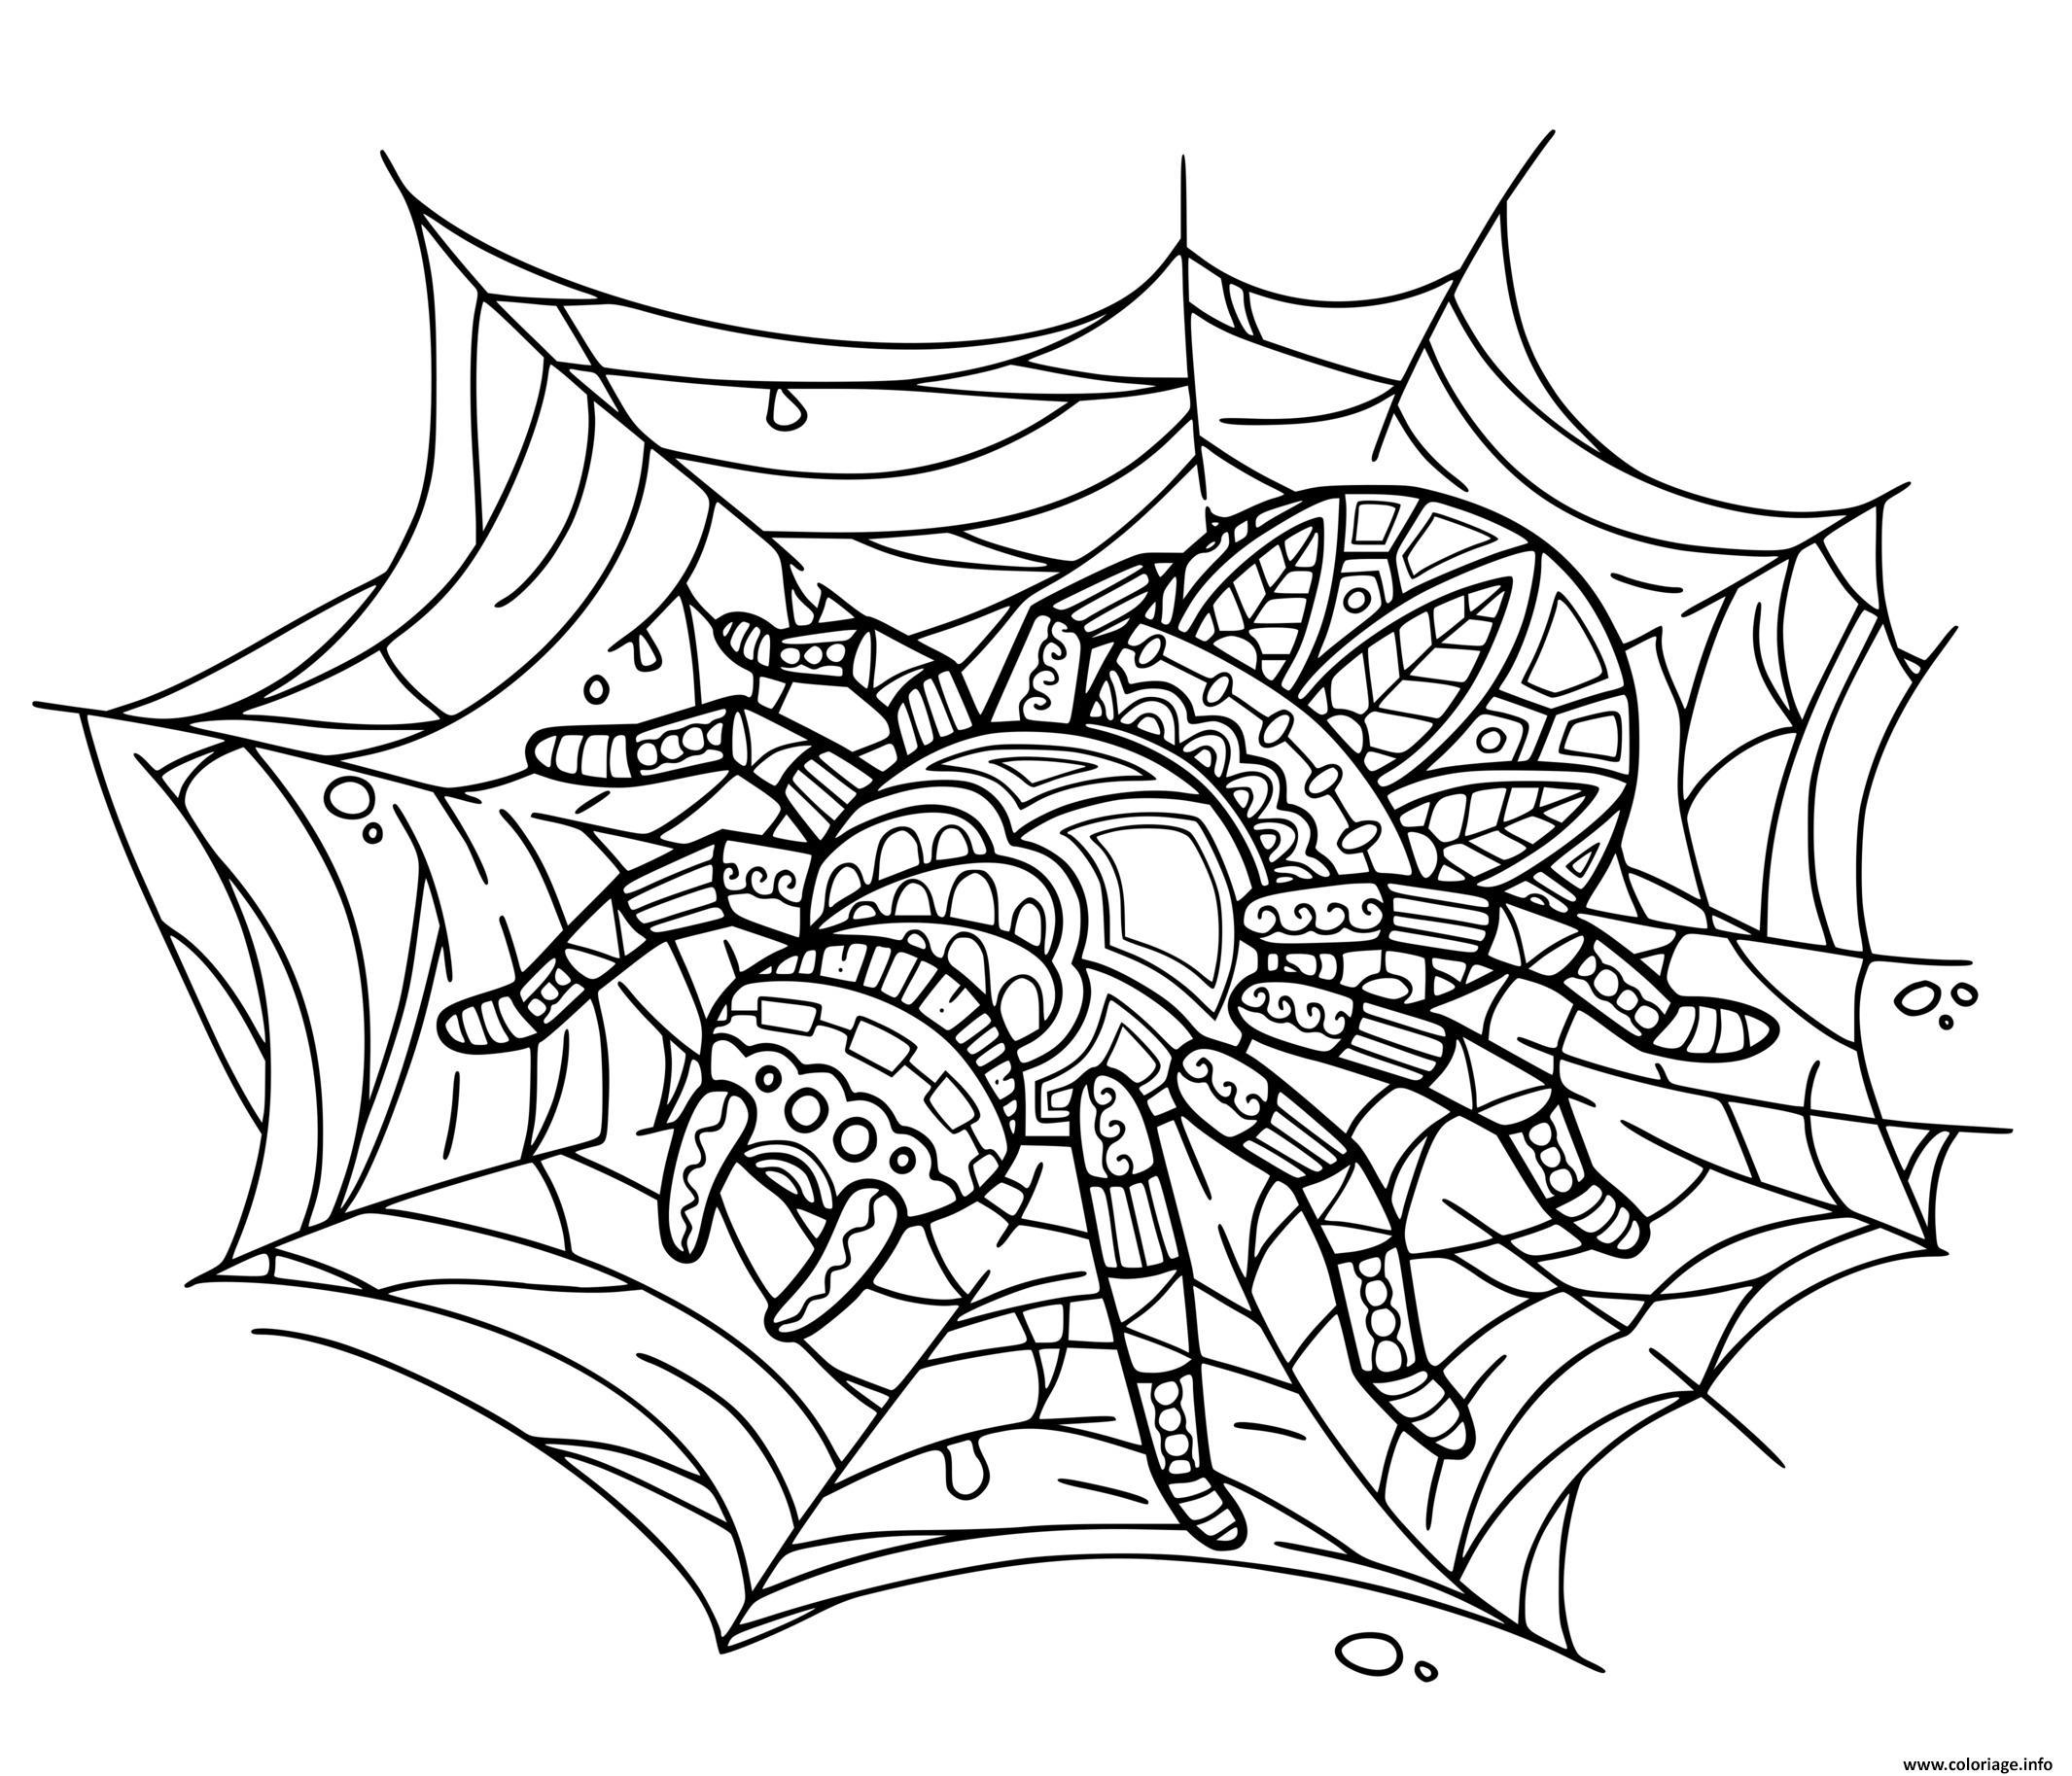 Dessin araignee zentangle Coloriage Gratuit à Imprimer